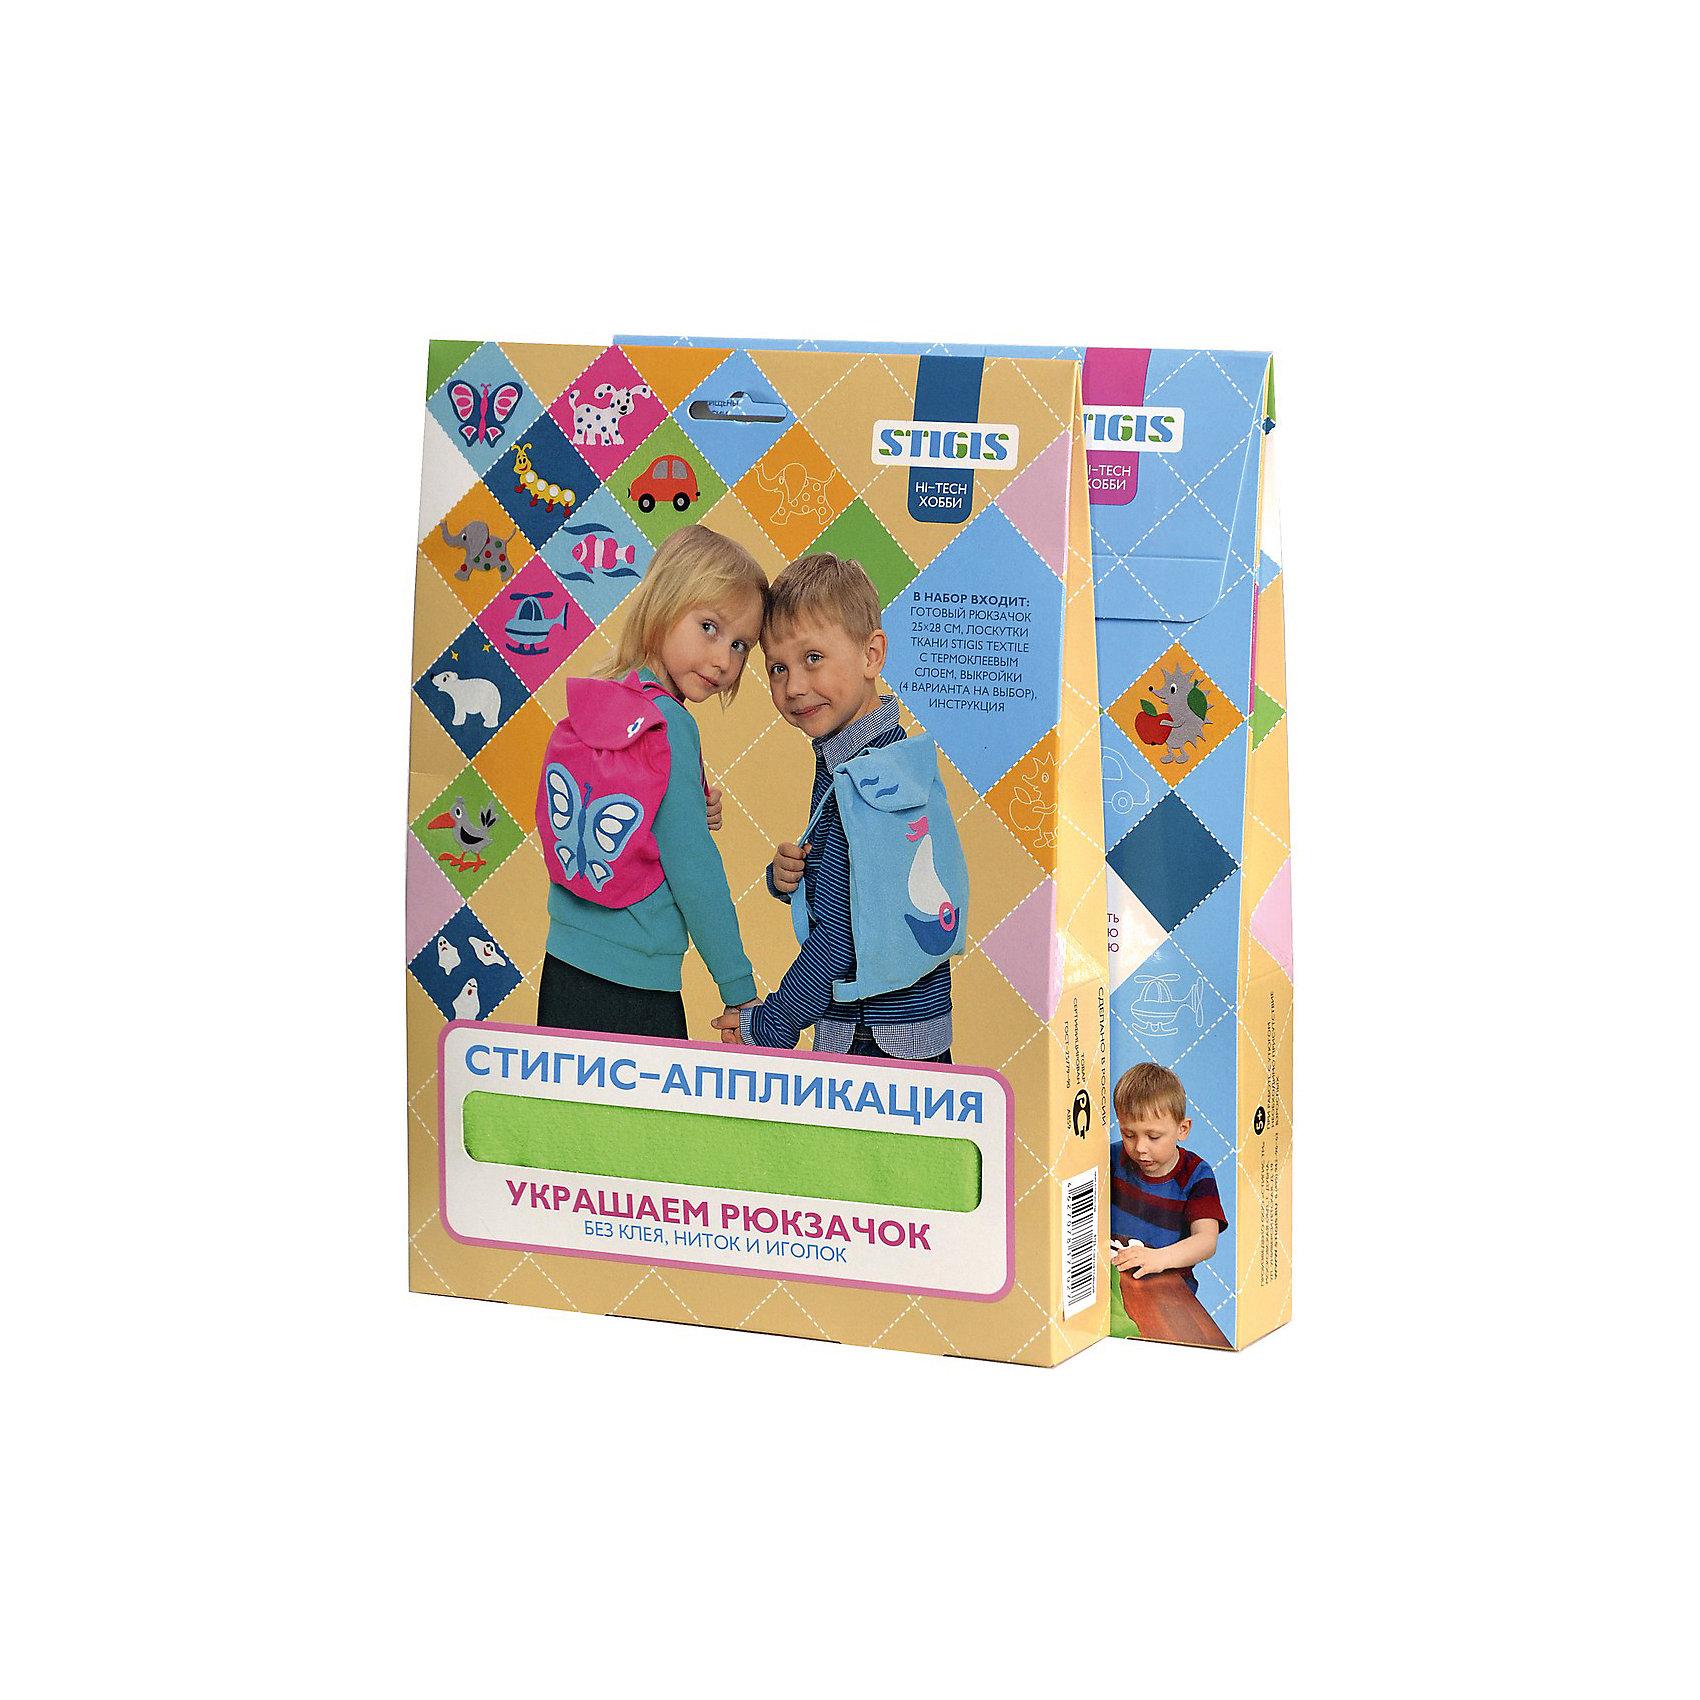 Стигис-аппликация Рюкзак детский, салатовыйШитьё<br>С помощью набора для стигис-аппликации ребенок сможет создать себе уникальный рюкзачок с собственным дизайном.  Для создания красивой аппликации нужно  лишь придумать желаемый рисунок, нарисовать его на stigis-ткани, вырезать, приложить к рюкзаку и прогладить утюгом. Если готовая аппликация не понравилась, ее можно легко удалить, прогладив утюгом еще раз. Все материалы гипоаллергенны и безопасны. Такое творчество развивает усидчивость, аккуратность и дизайнерские способности ребенка. Прекрасный выбор для начинающих дизайнеров!<br><br>Дополнительная информация:<br>В комплекте: рюкзачок, stigis-ткань, выкройки, инструкция<br>Цвет: салатовый<br>Размер: 3,5х27х20 см<br>Вес: 120 грамм<br>Набор для стигис-аппликации Рюкзачок можно приобрести в нашем интернет-магазине.<br><br>Ширина мм: 200<br>Глубина мм: 270<br>Высота мм: 35<br>Вес г: 120<br>Возраст от месяцев: 36<br>Возраст до месяцев: 72<br>Пол: Унисекс<br>Возраст: Детский<br>SKU: 4939433